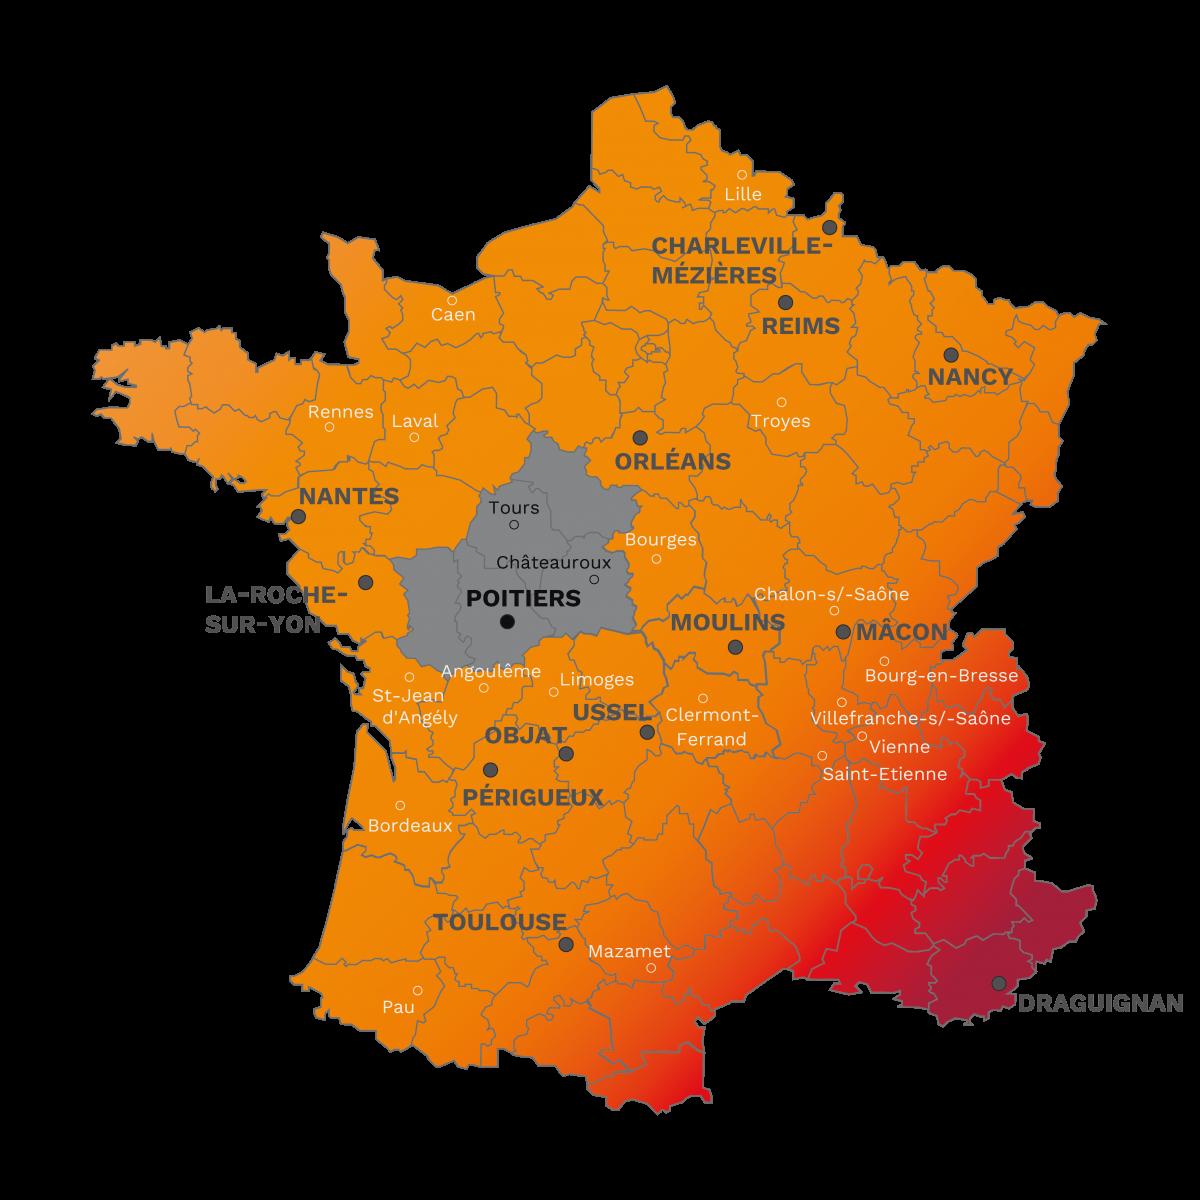 carte-France_dégradé-rouge_per_MAUP_11102021-01